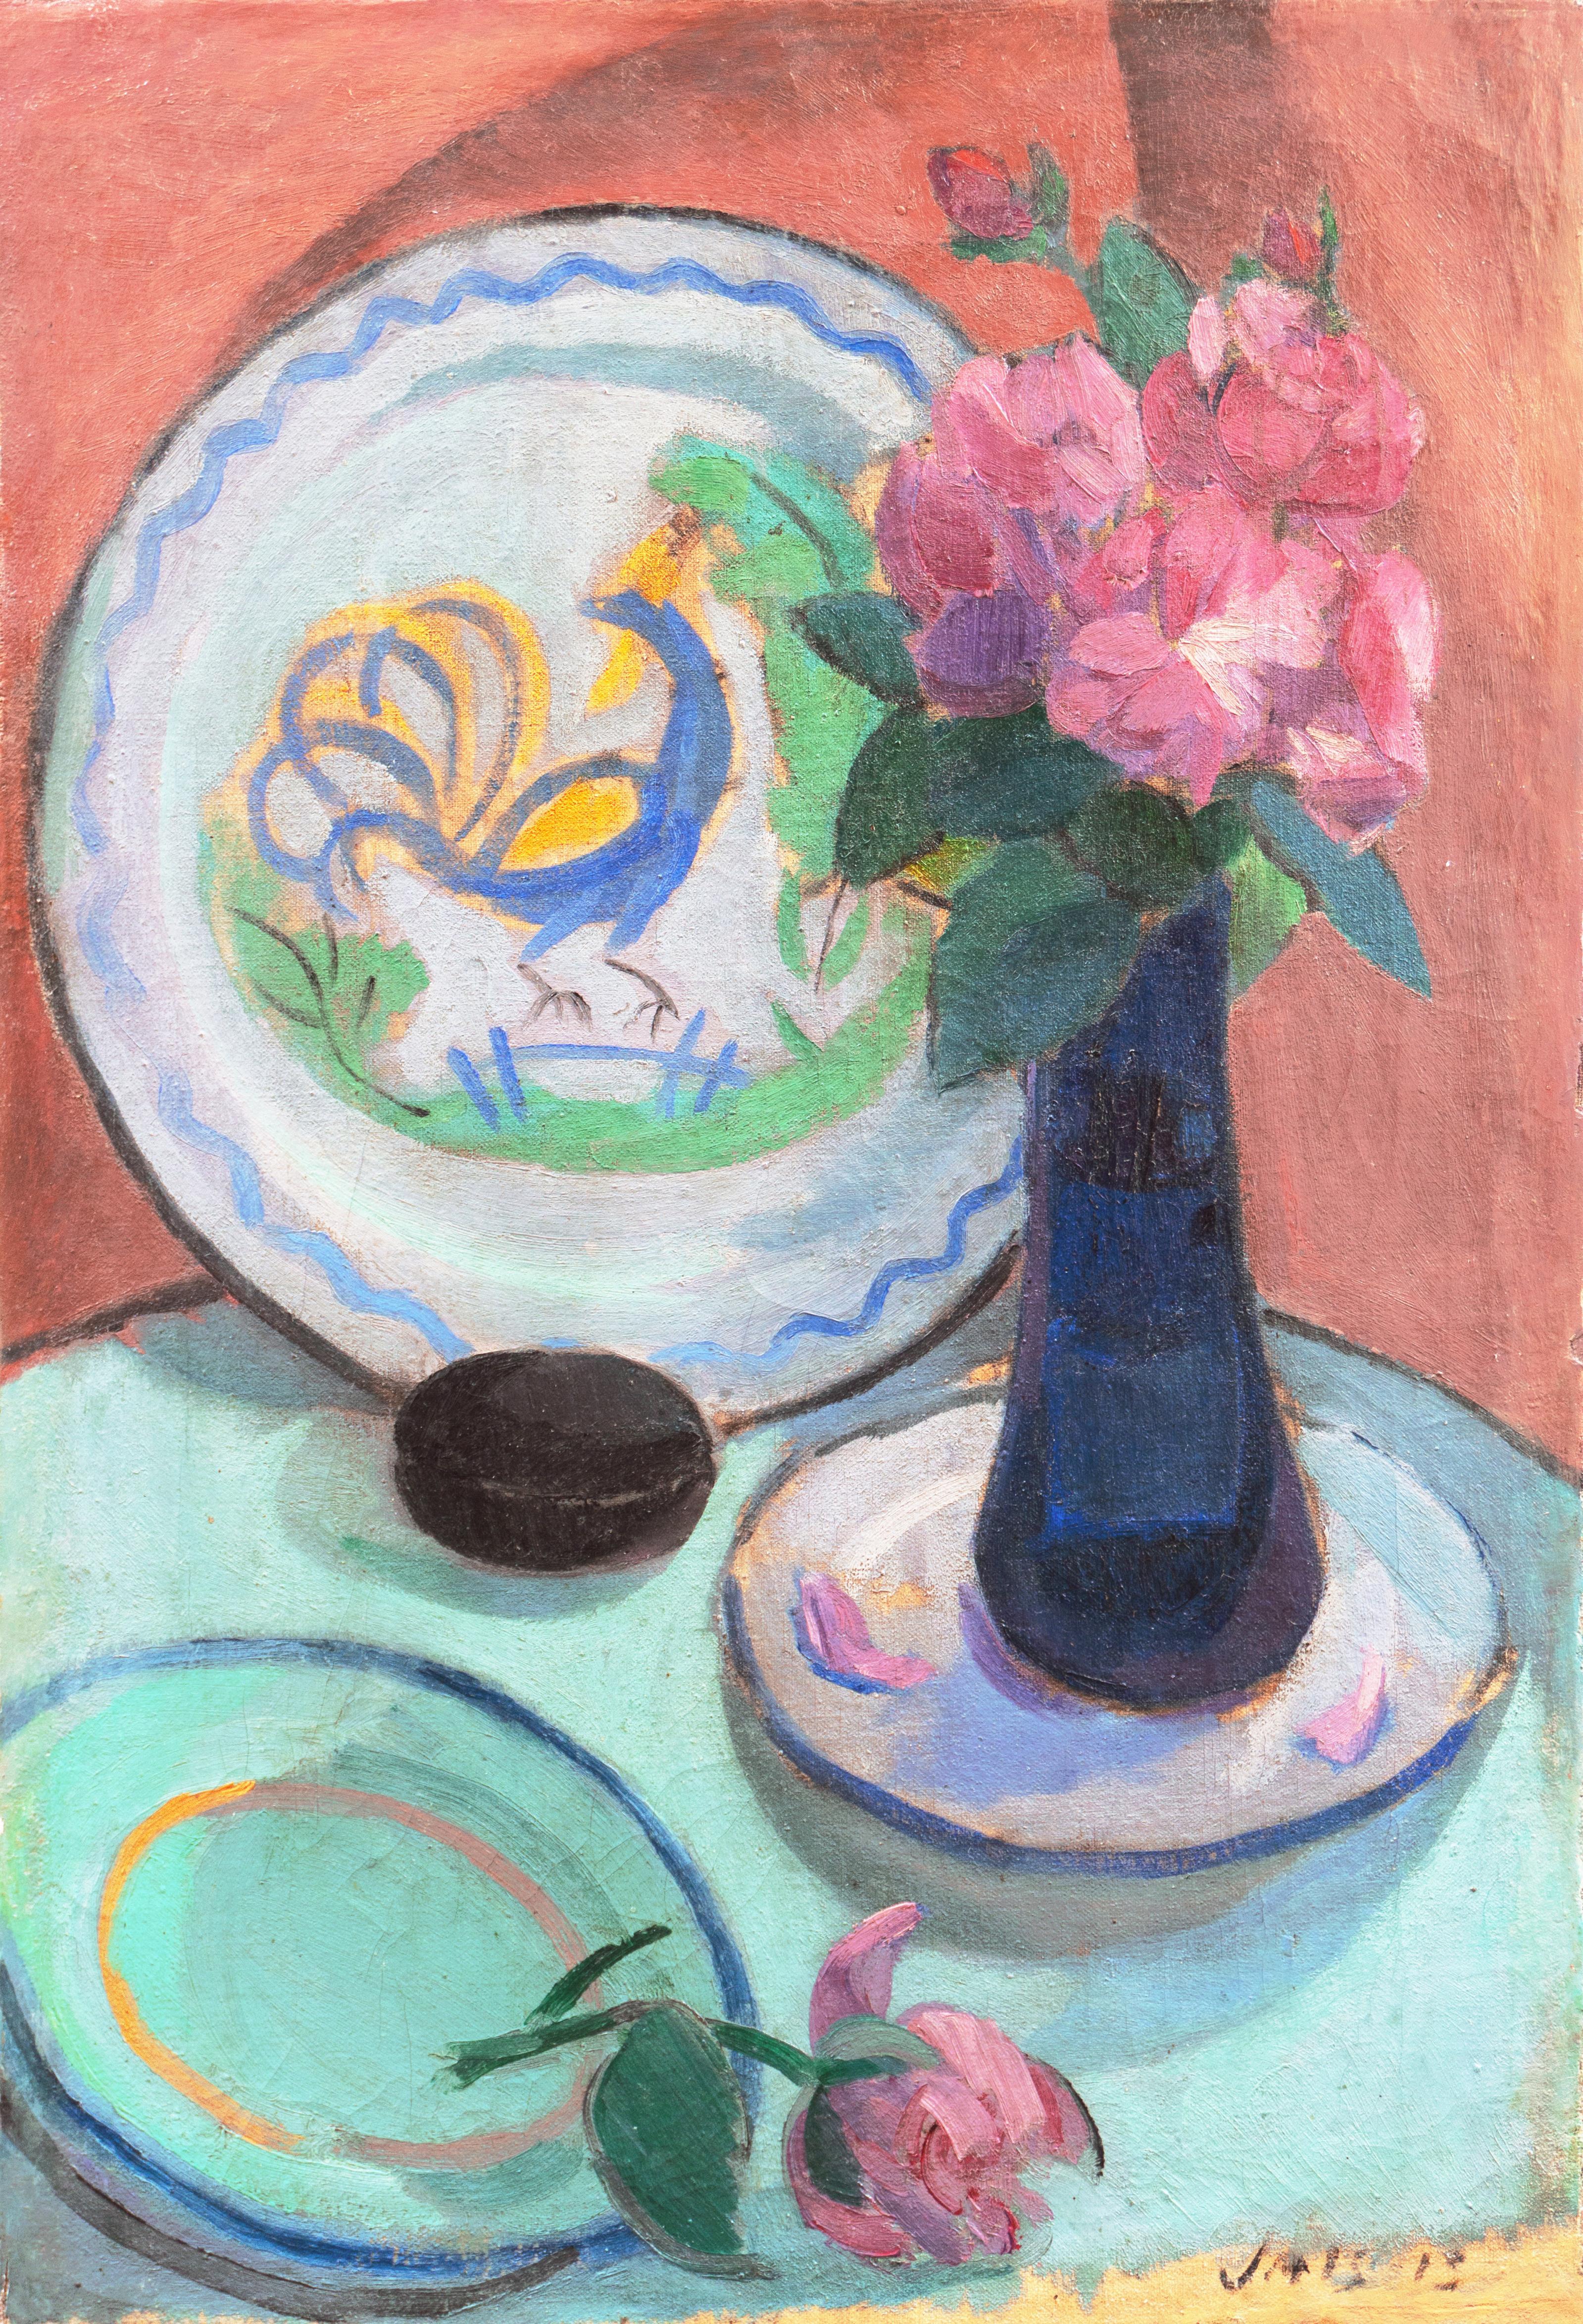 'Pink Roses & a Quimper Plate' French Post-Impressionist, Paris, Salon d'Automne